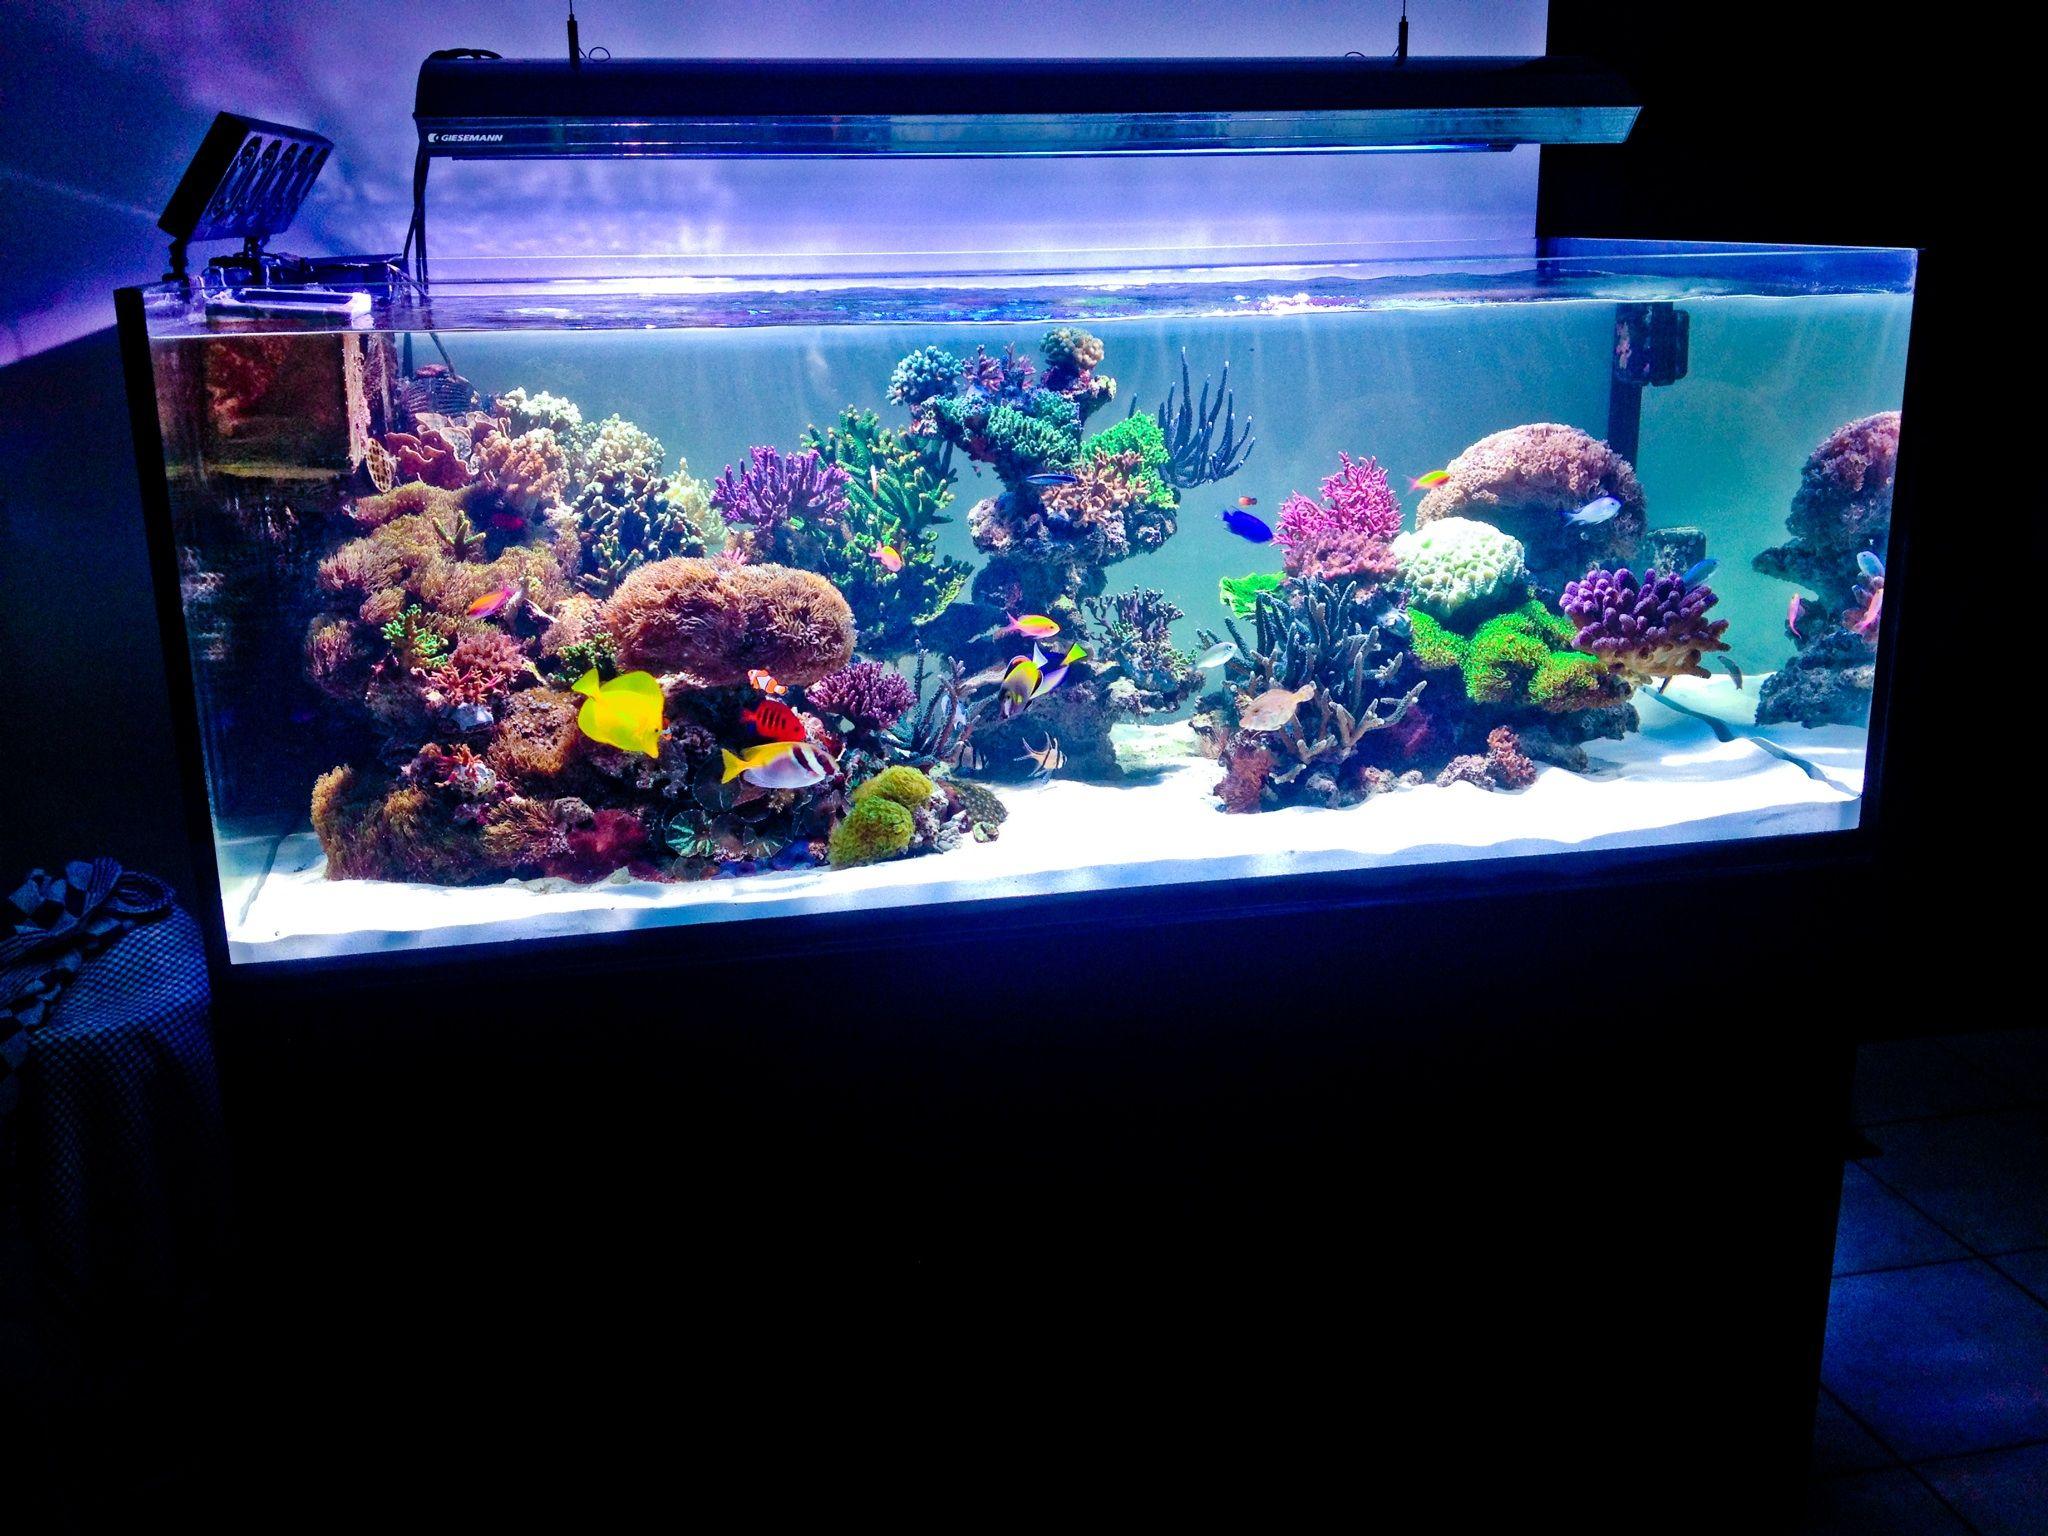 Elos 160 Xl Dams Aquarium